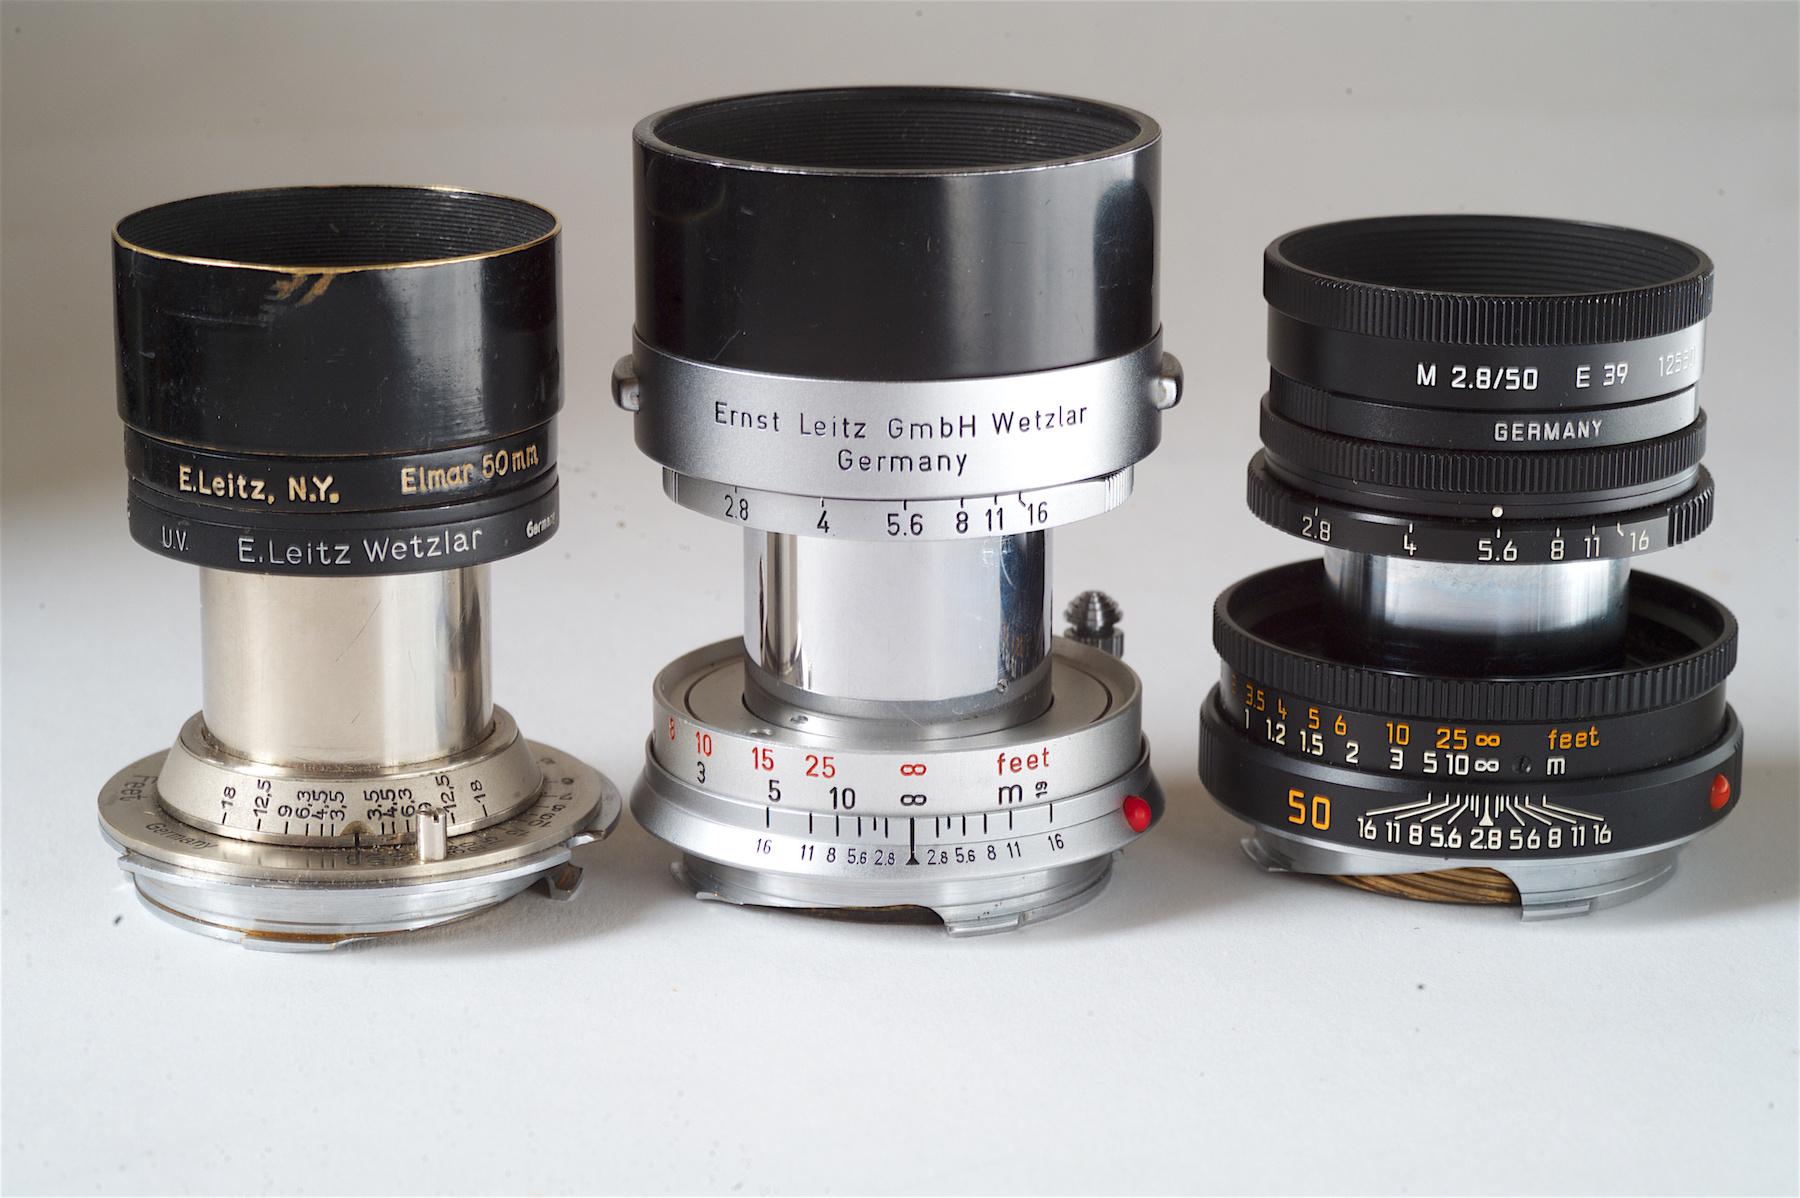 The 50mm Elmar - An Enduring Classic Leica Lens - The Leica